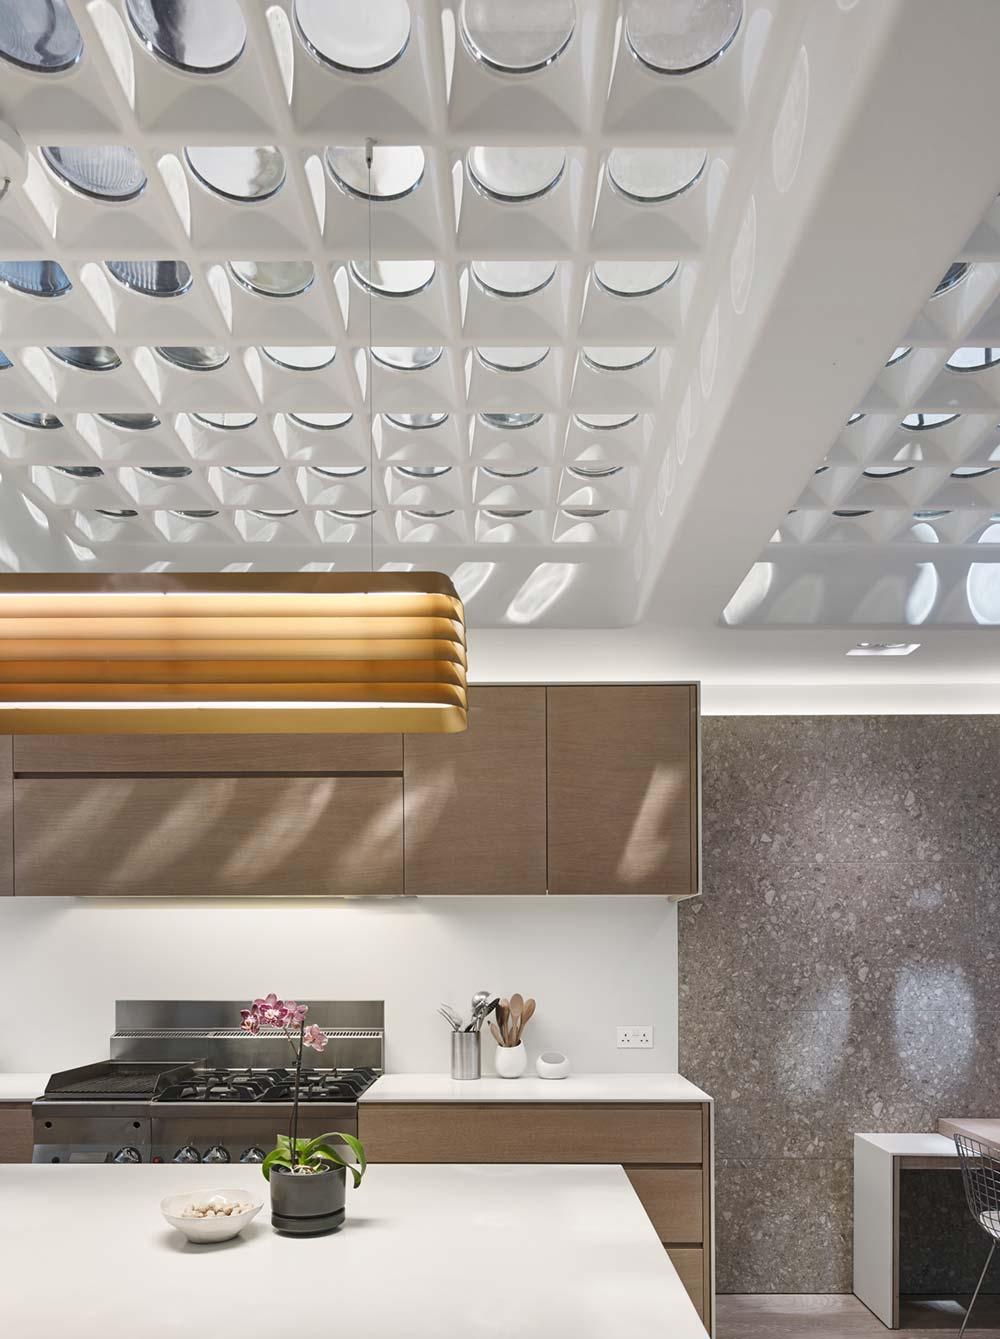 Industrial interior kitchen design